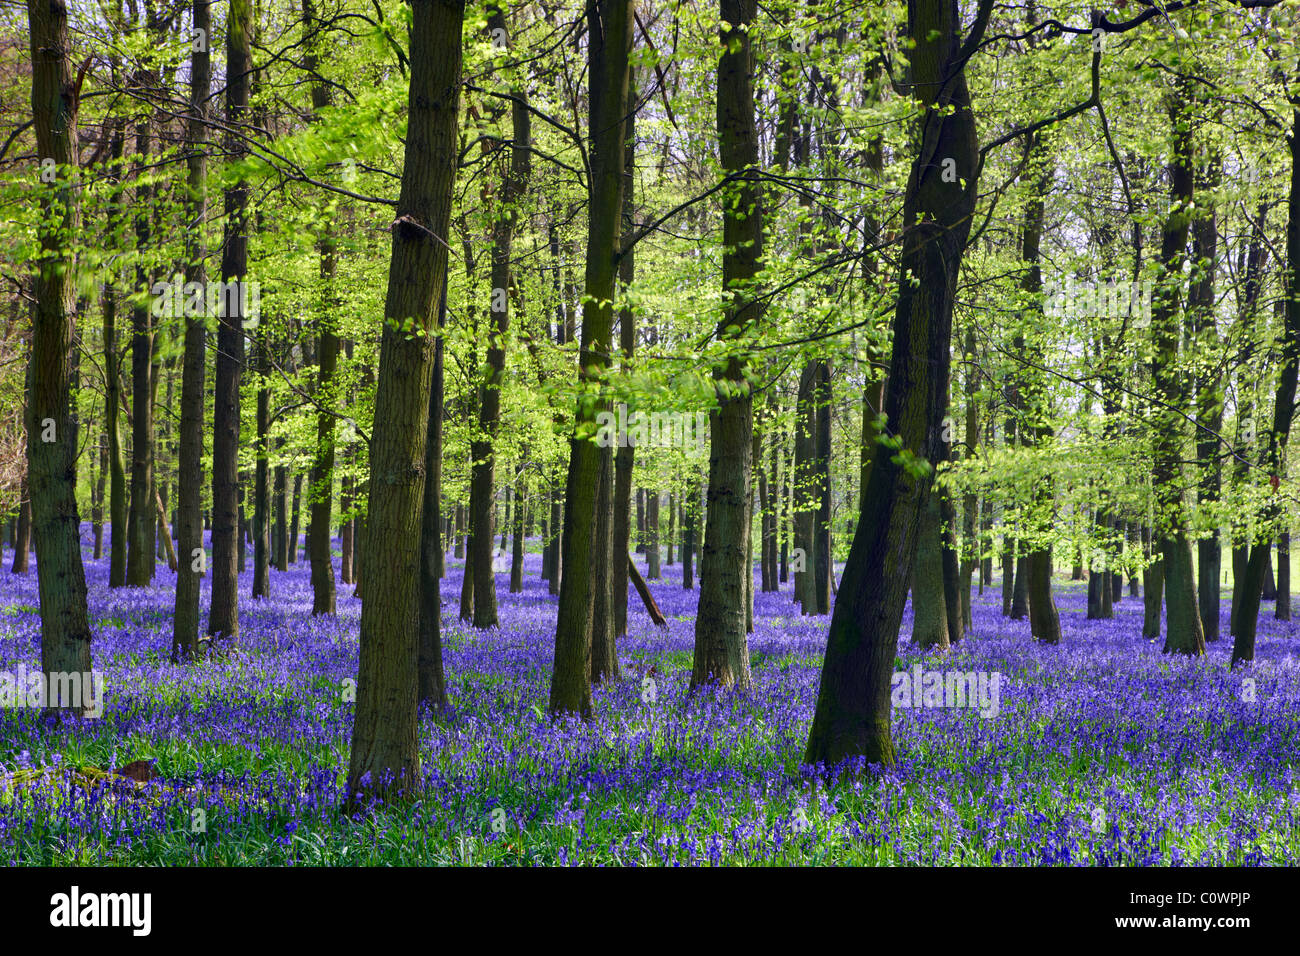 English bluebell wood - Stock Image